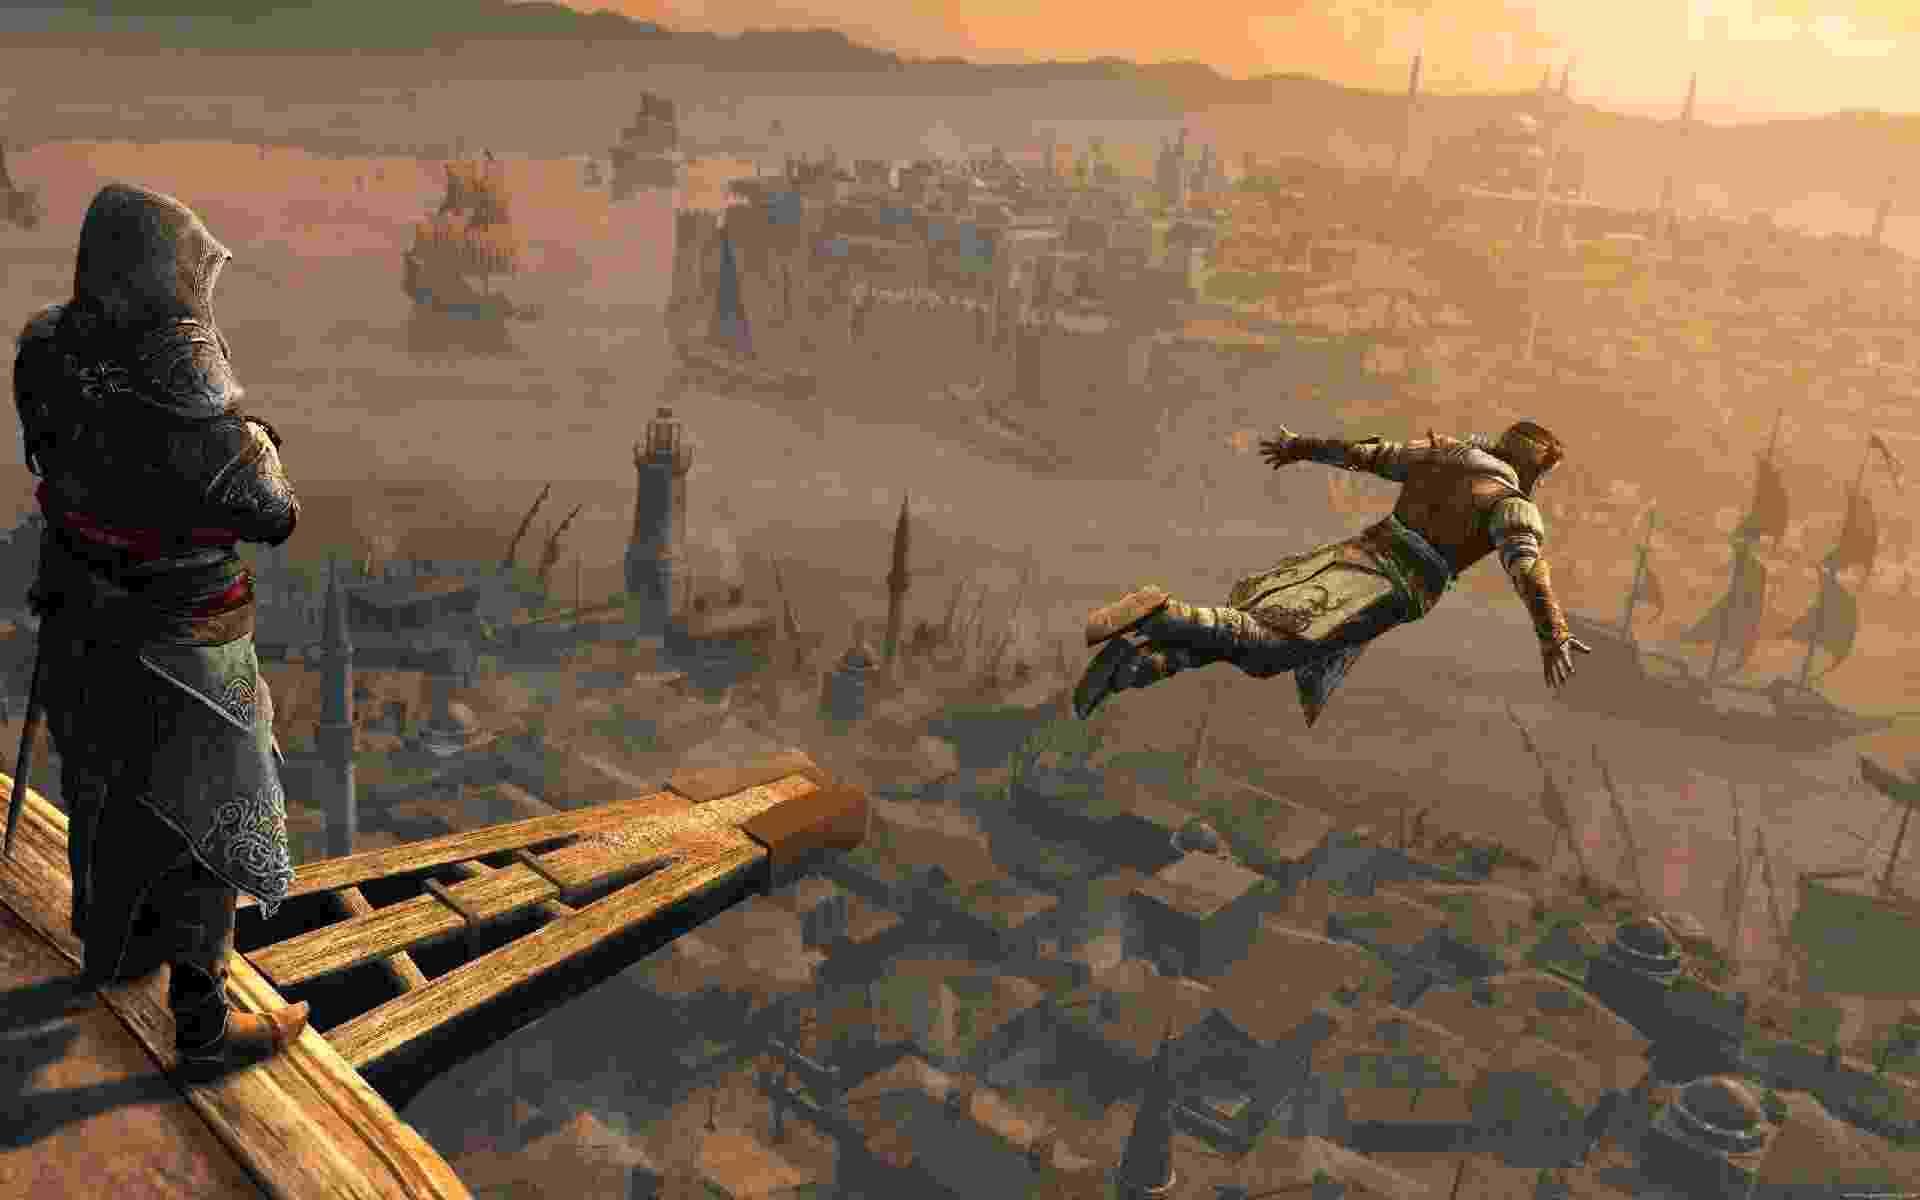 Assassin's Creed série - Reprodução